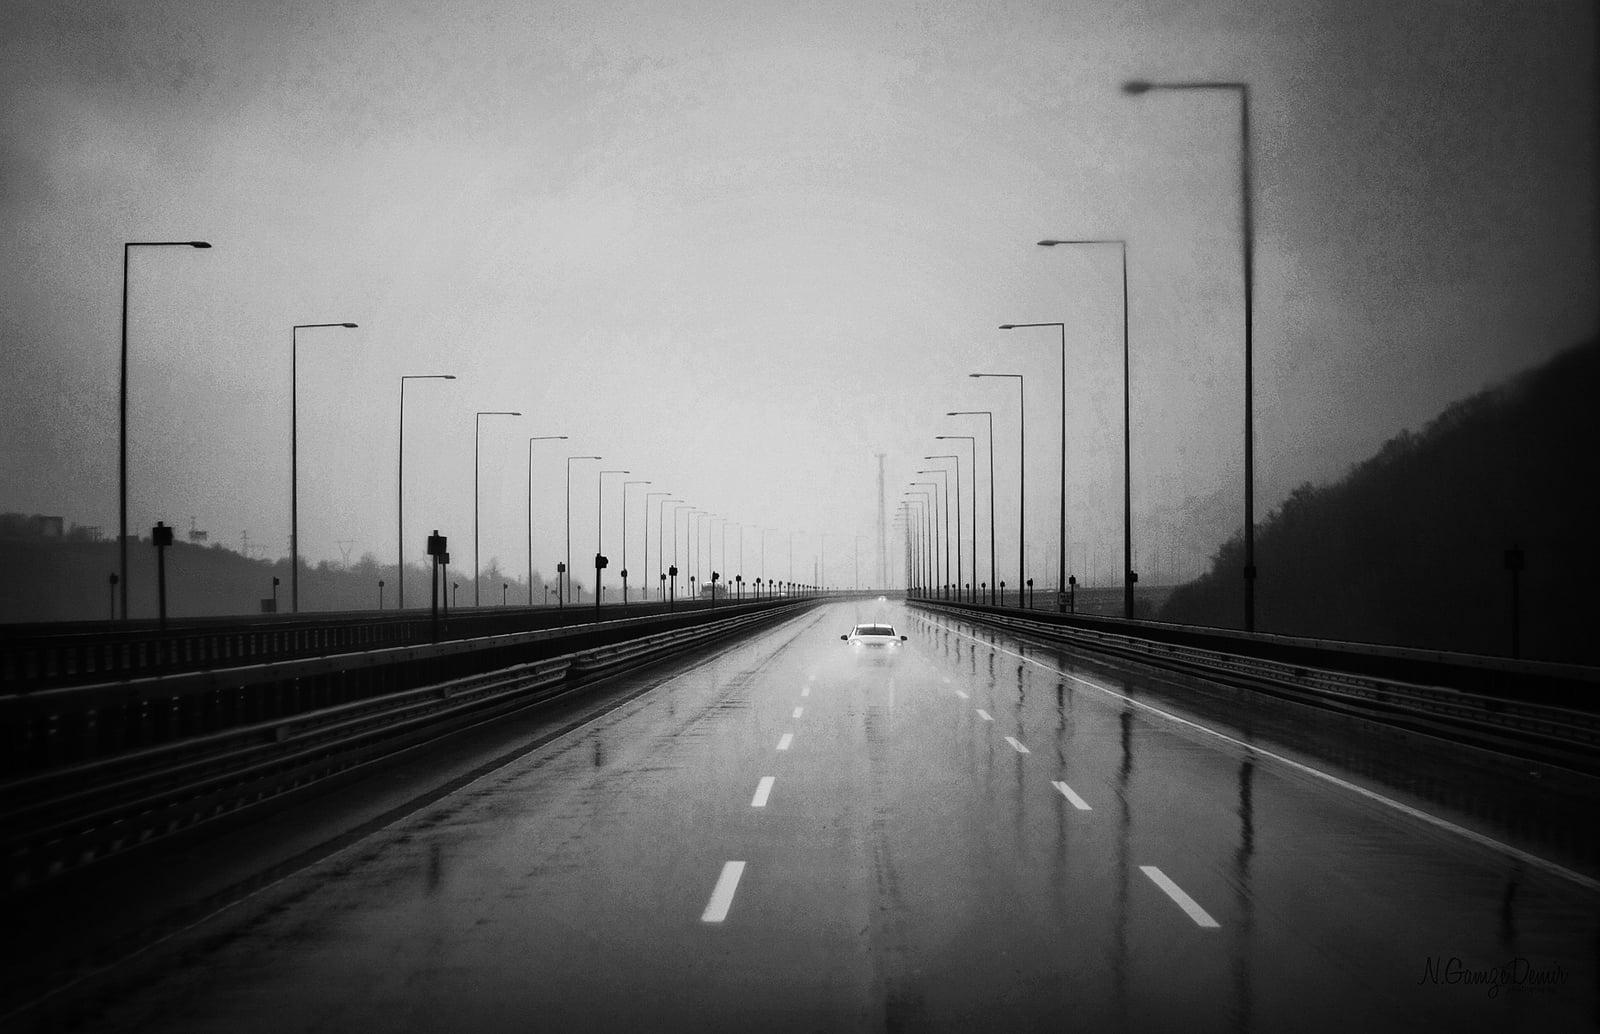 siyah beyaz yol manzarası